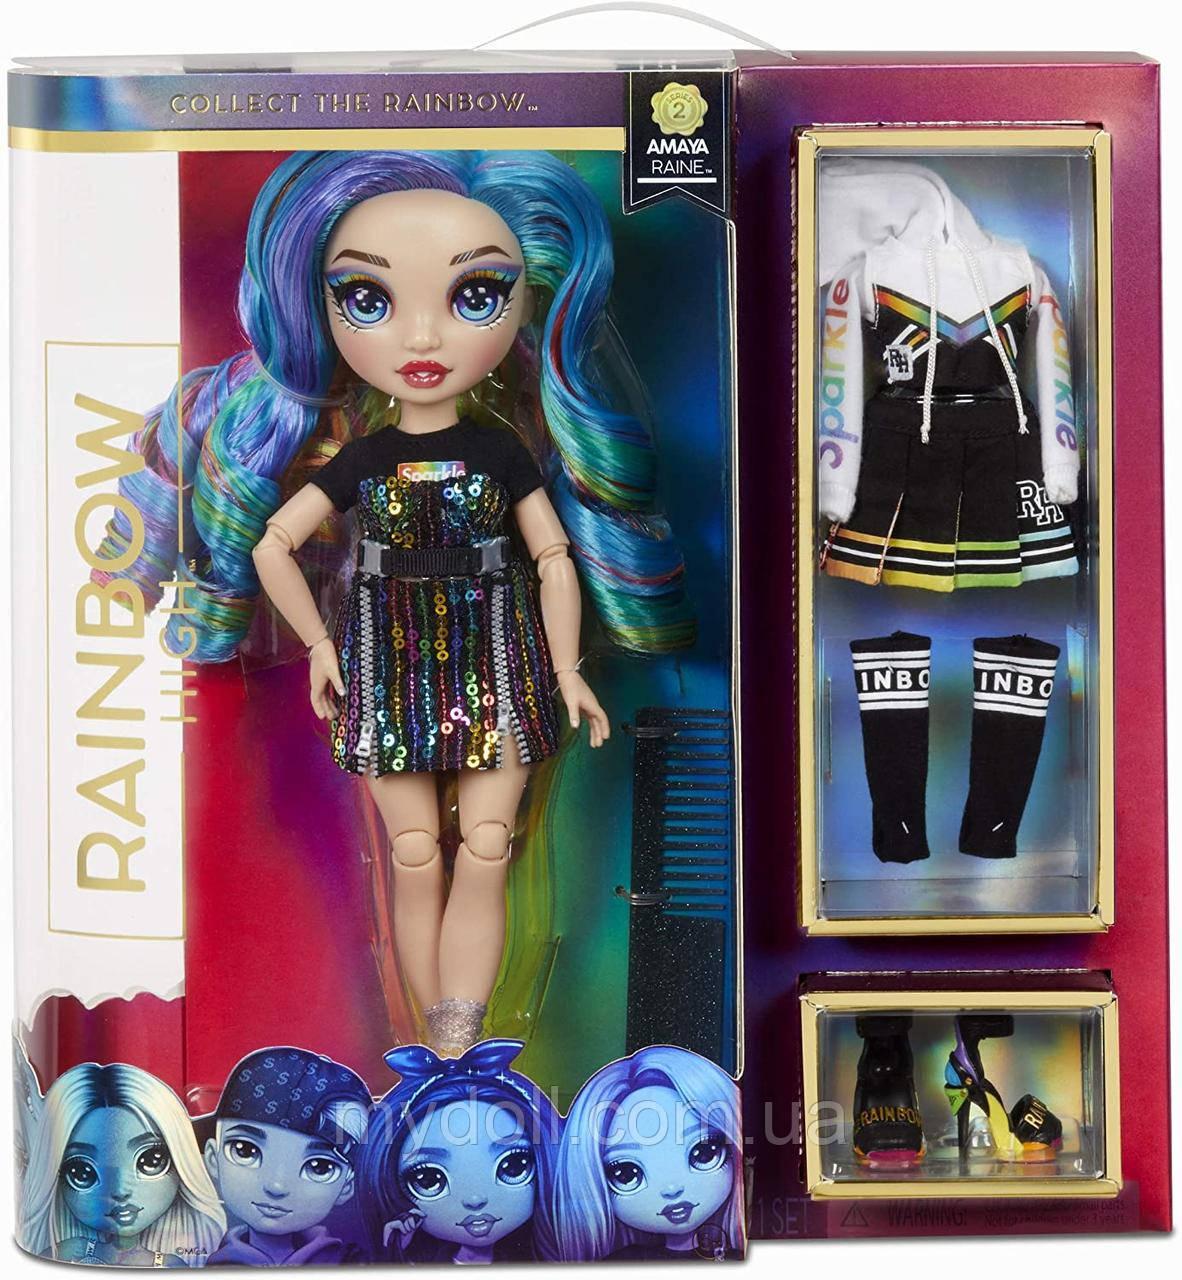 УЦЕНКА! Кукла Рейнбоу Хай Амайя Рейн - Rainbow High Amaya Raine Fashion Doll S2 572138 Оригинал